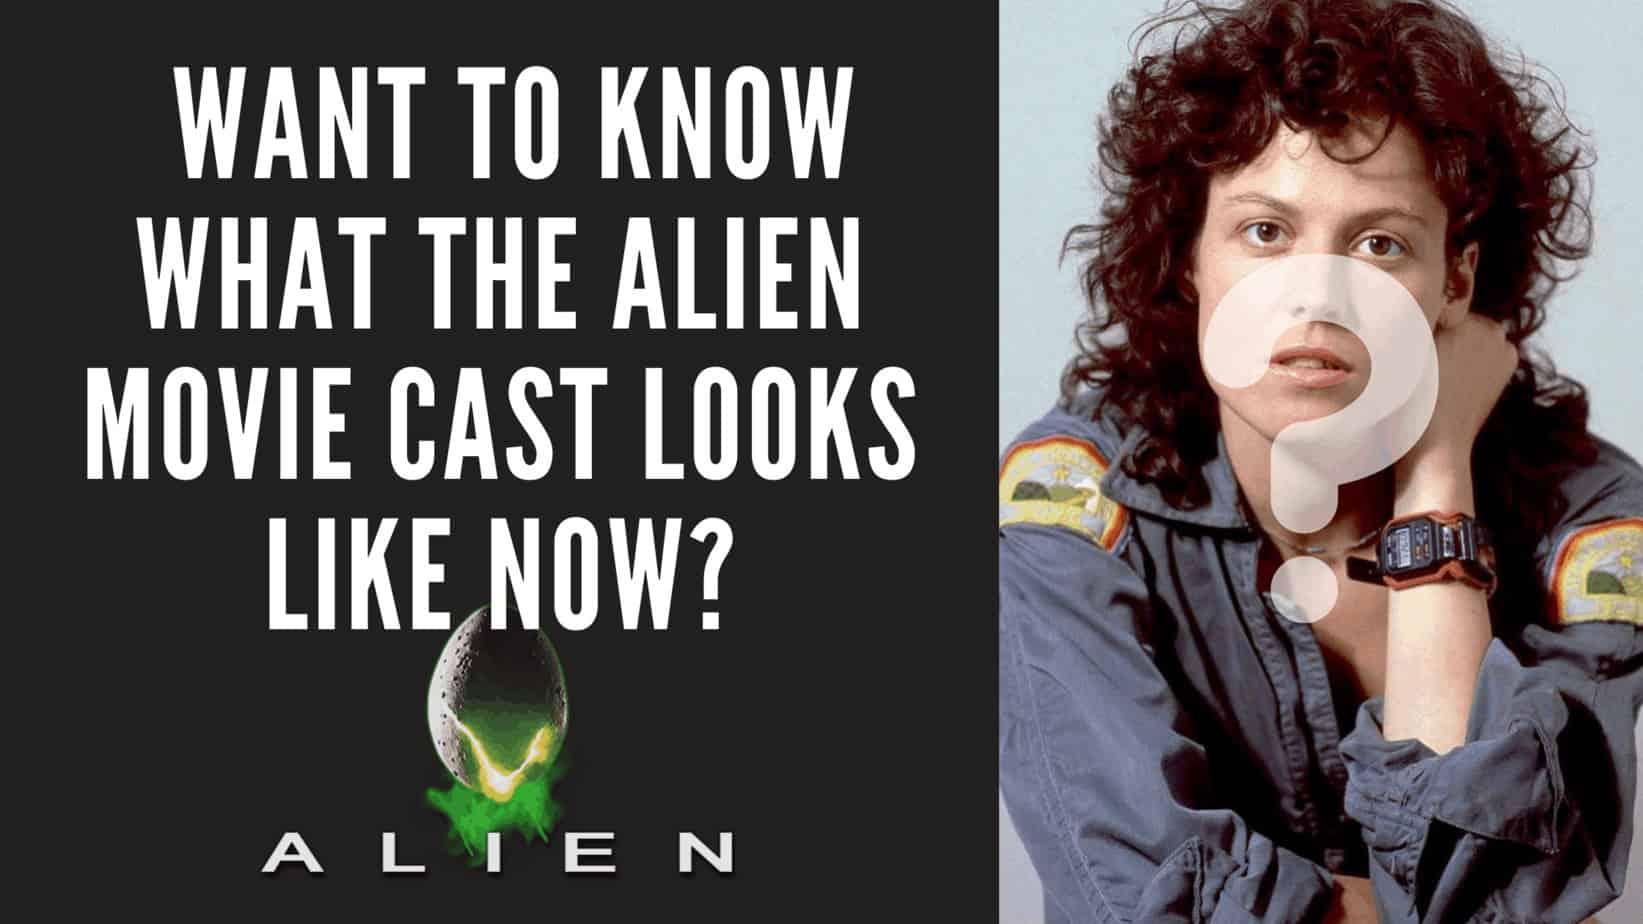 alien movie blog post banner